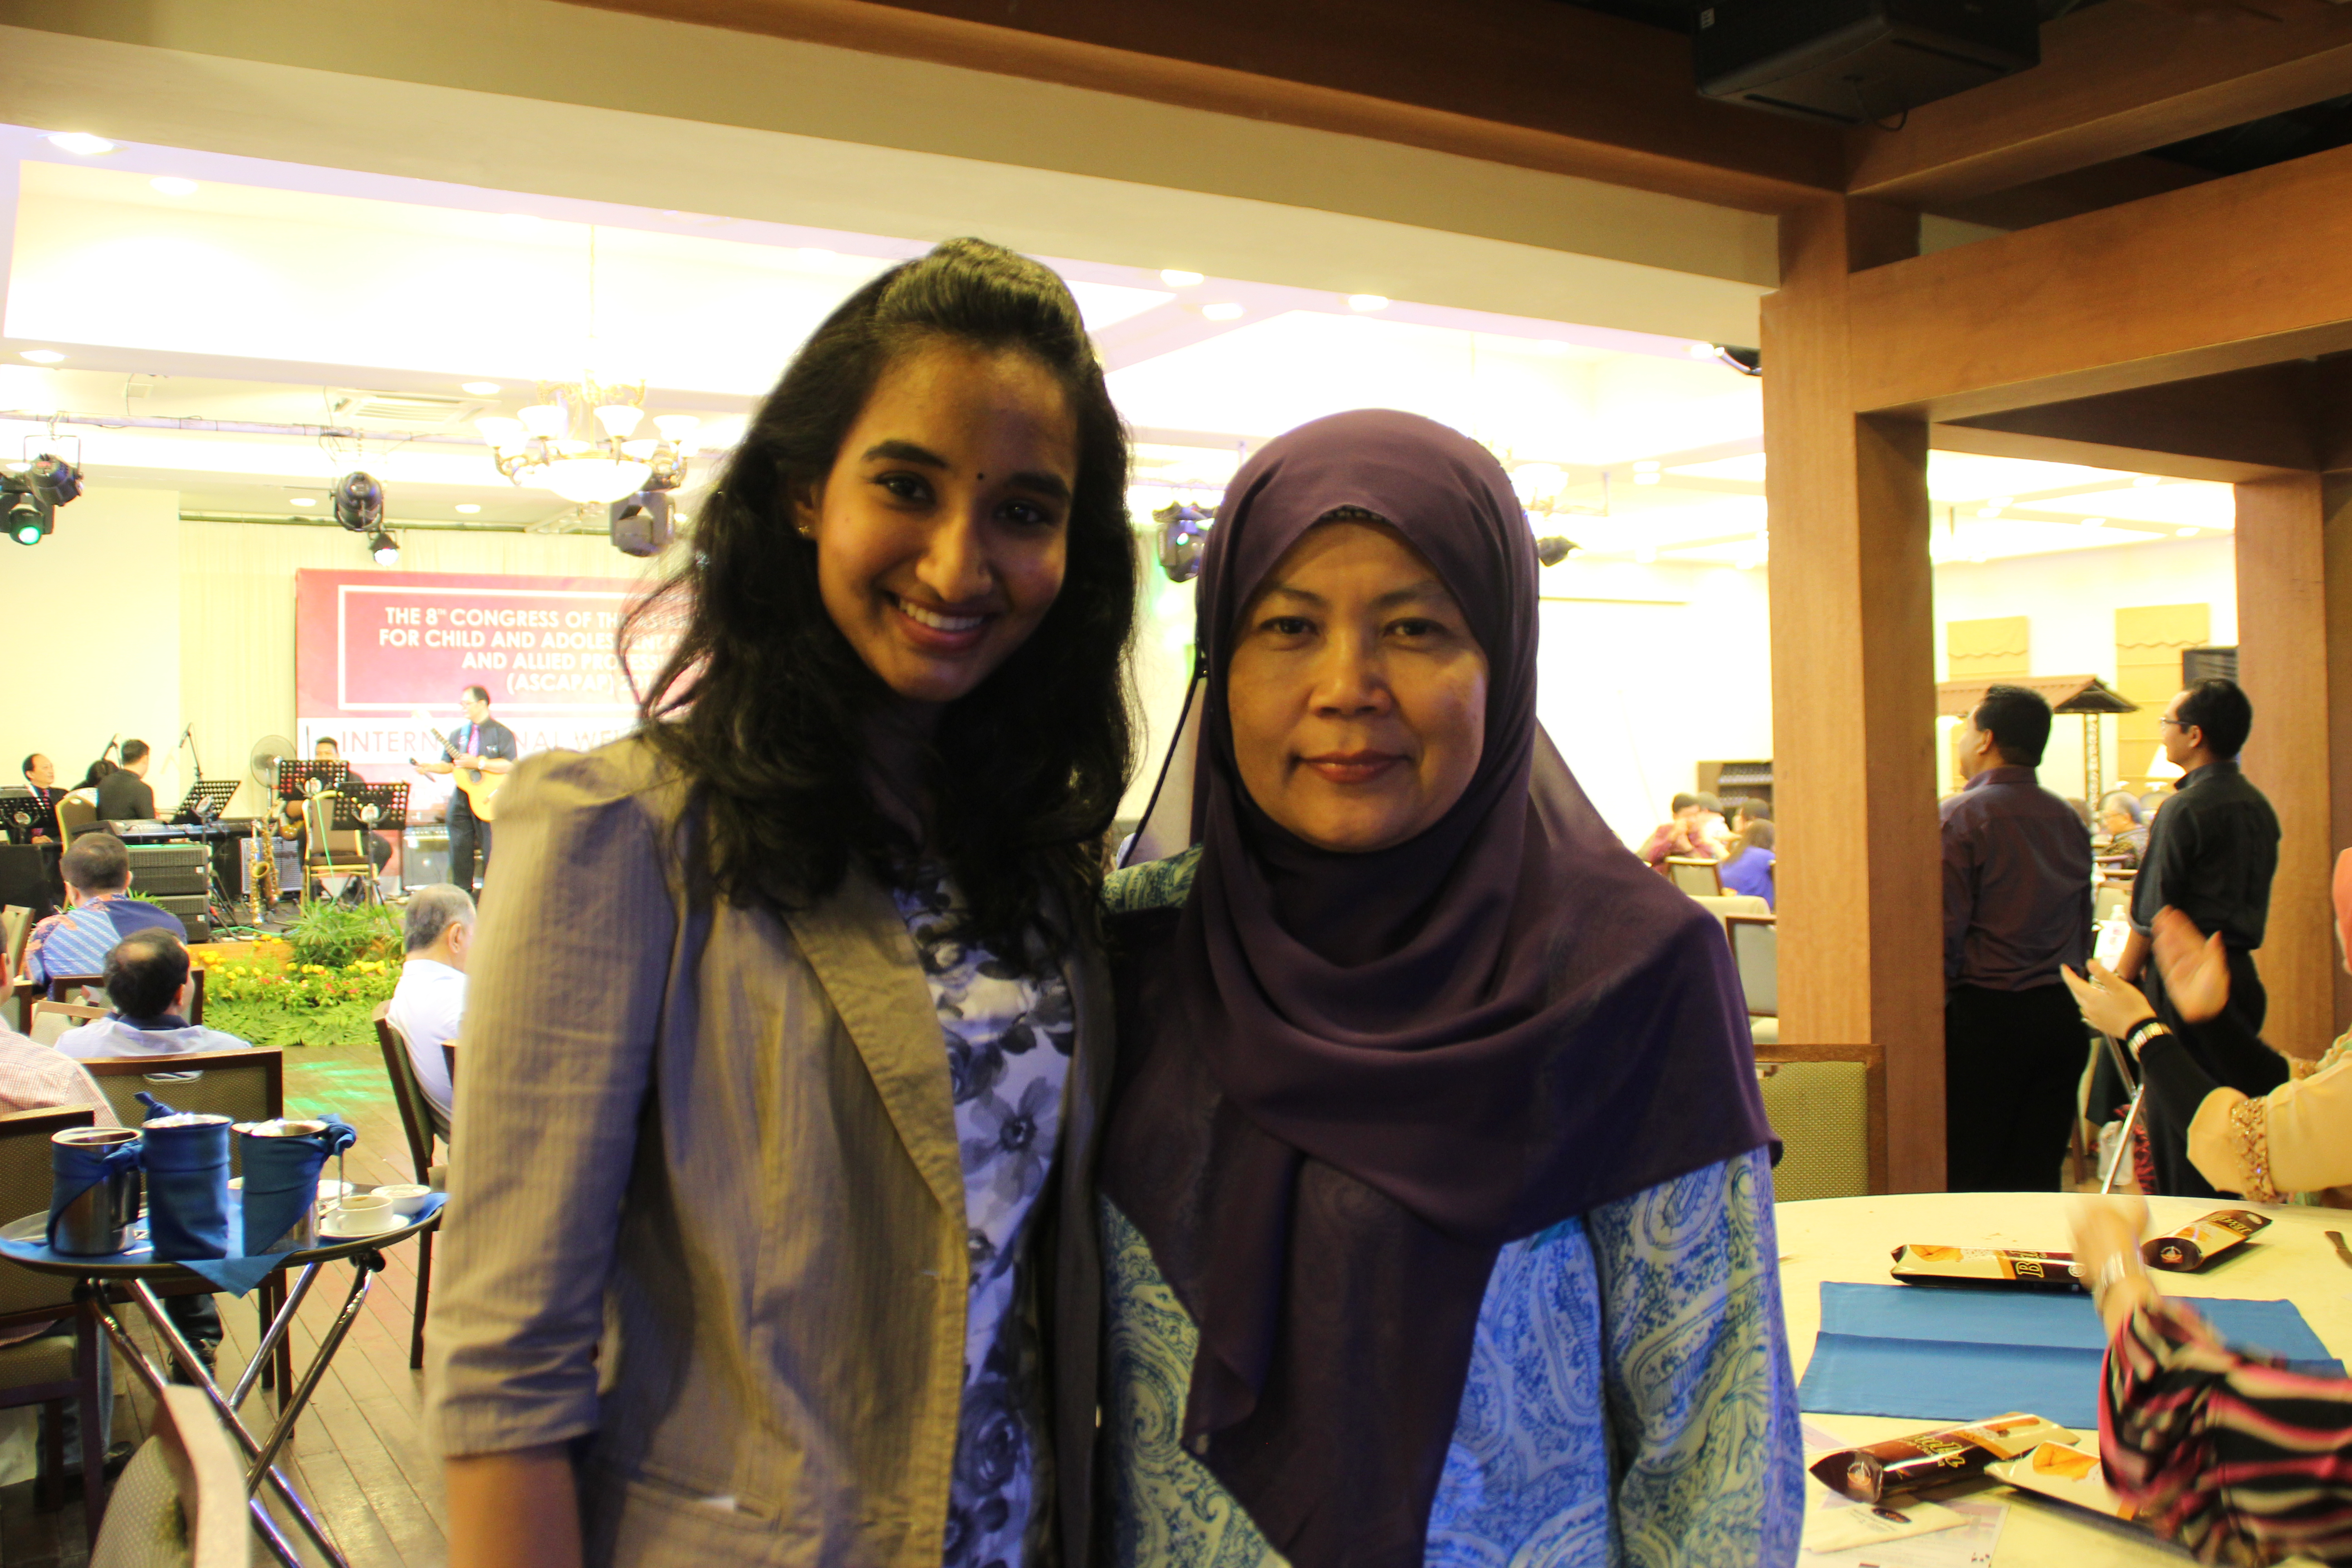 Internship supervisor - Dr. Nor Hamidah Mohd. Salleh